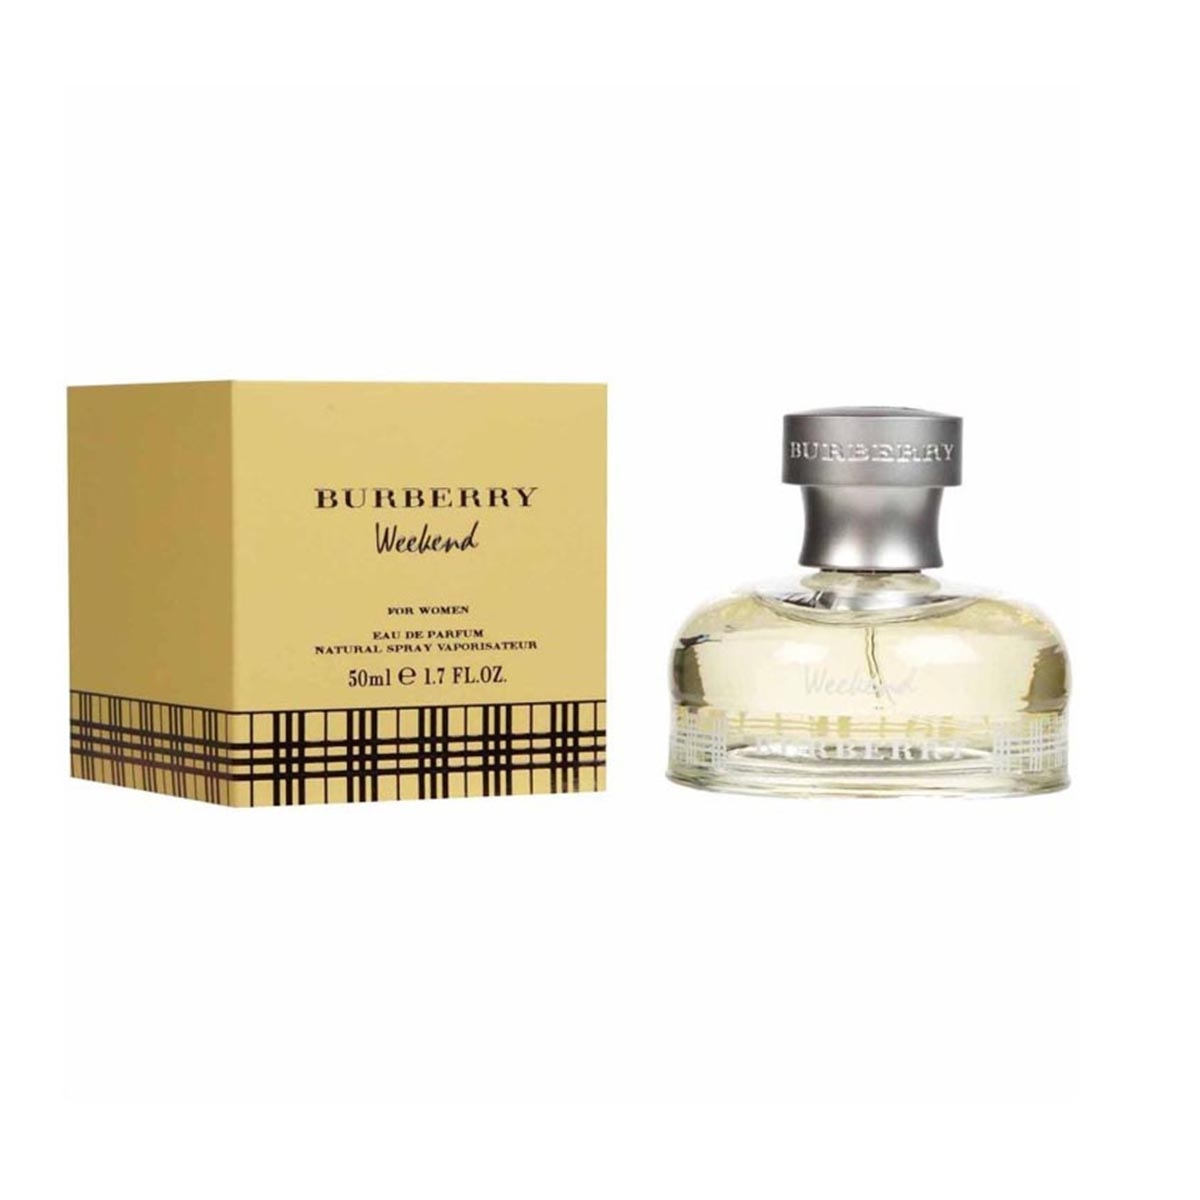 Burberry weekend eau de parfum 50ml vaporizador